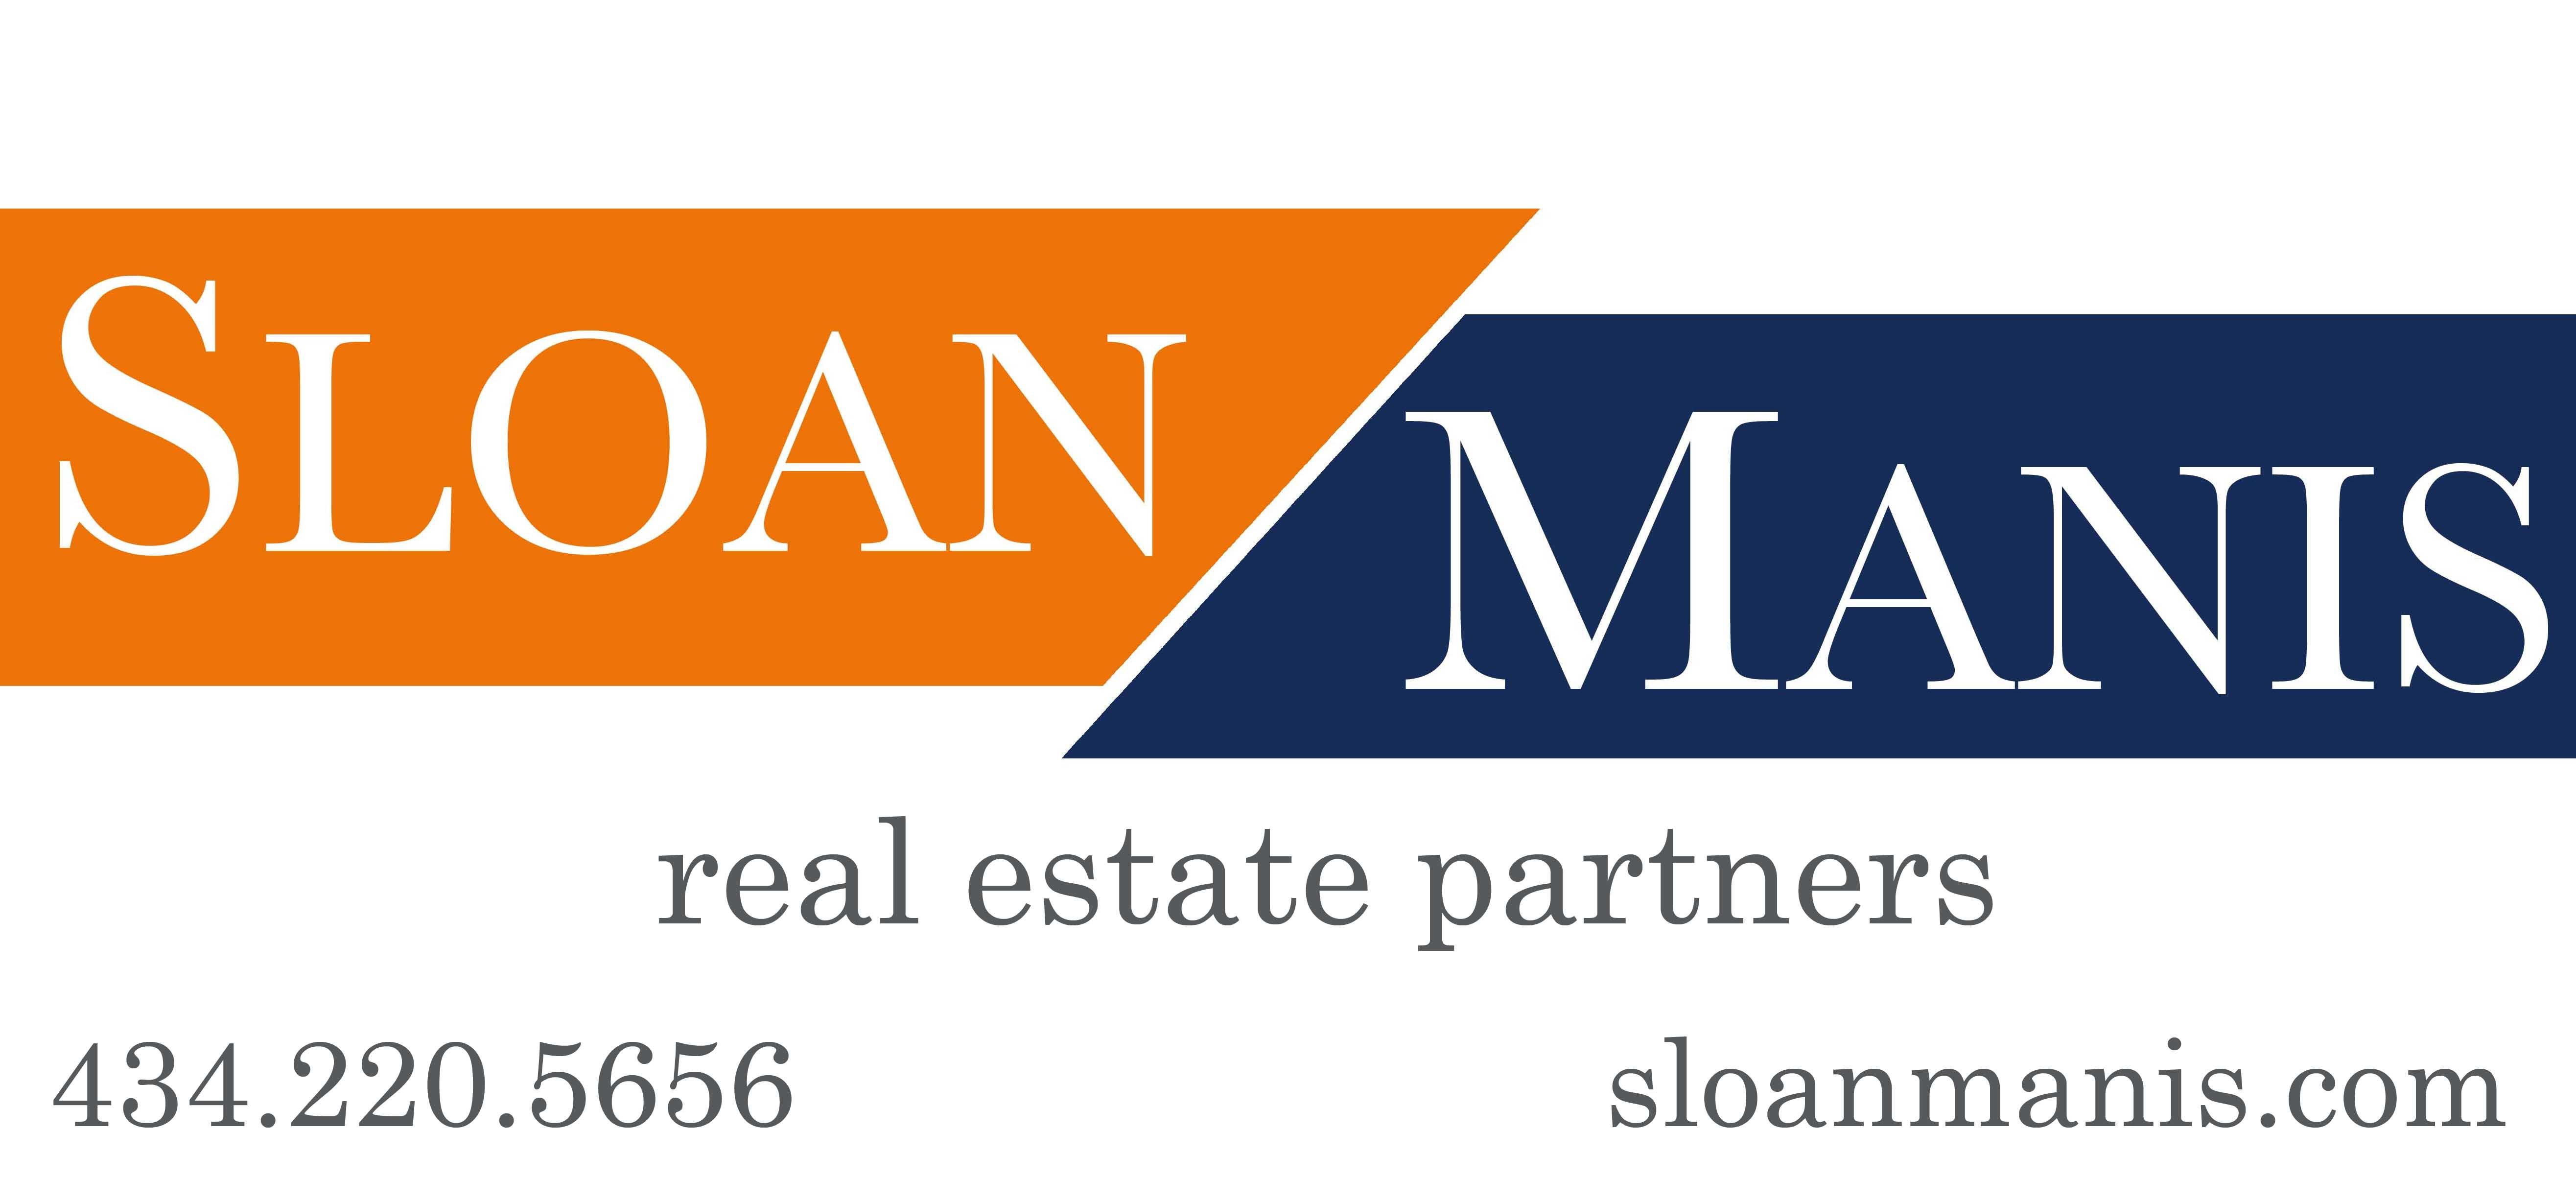 Sloan Manis logo